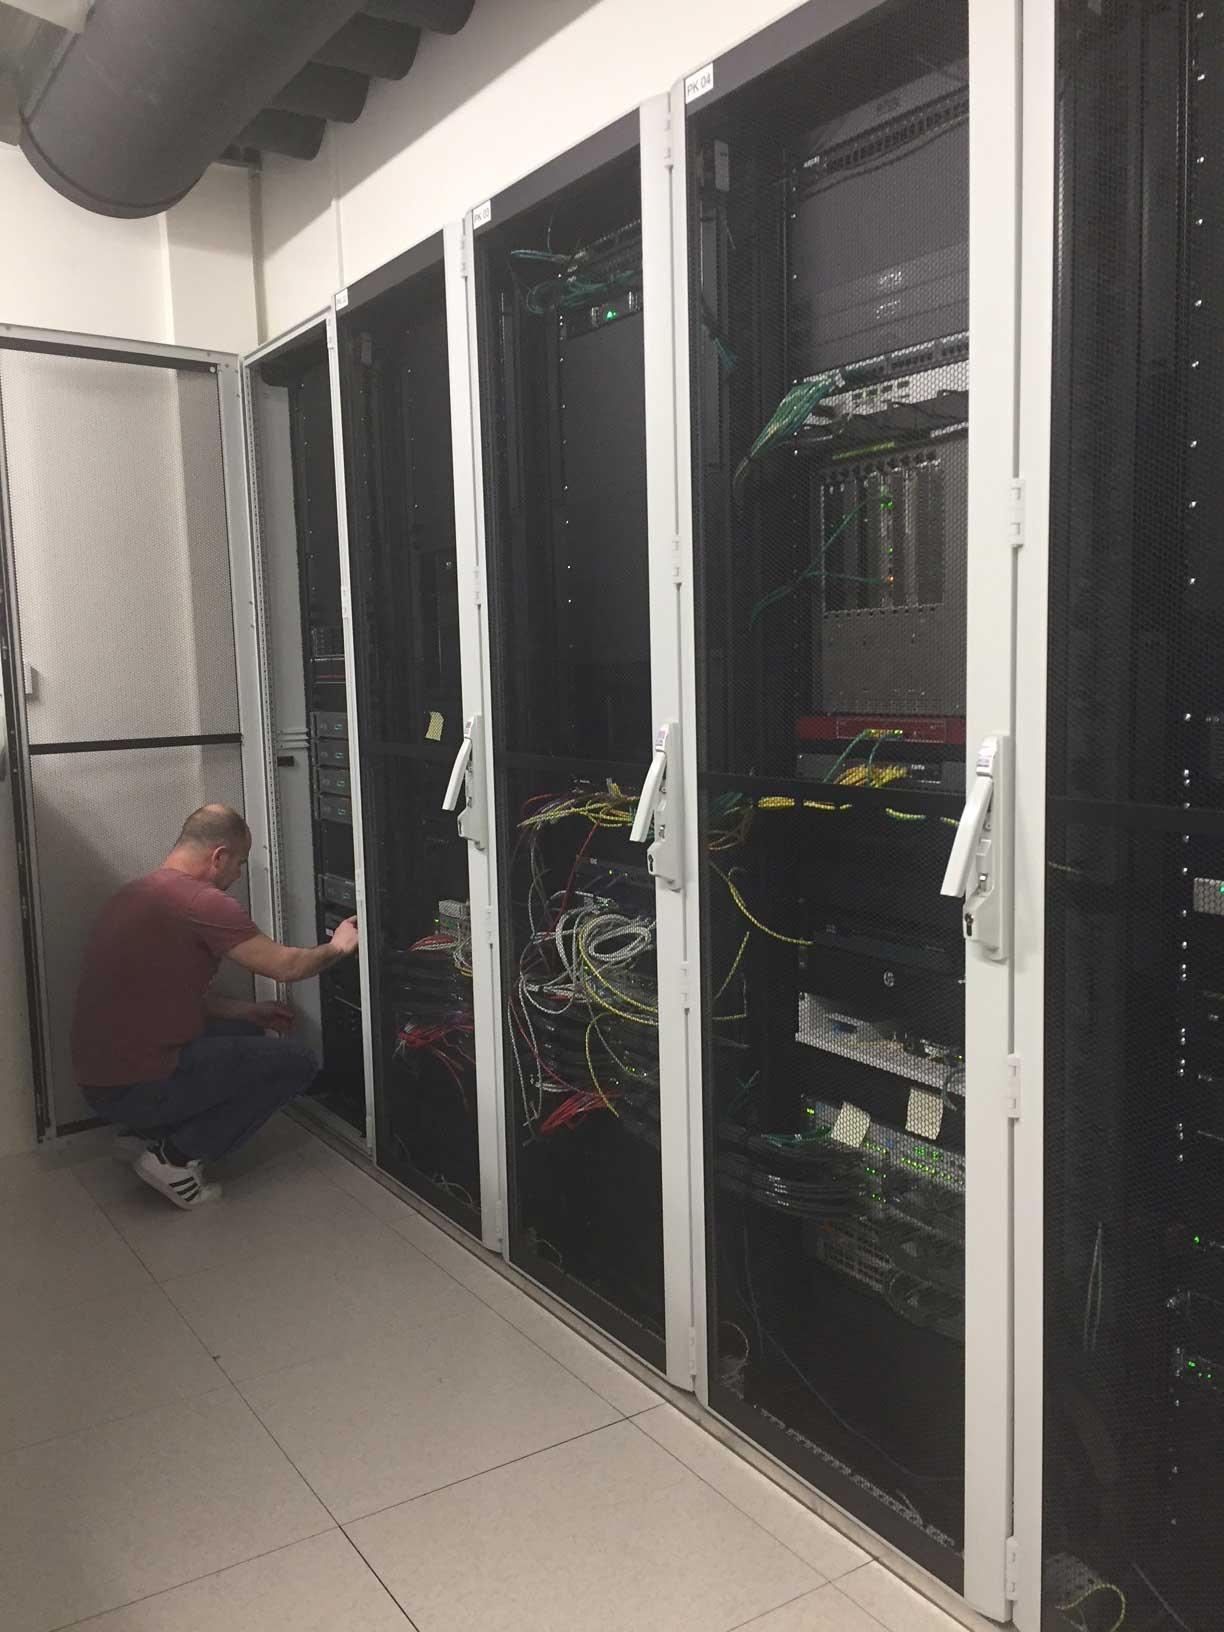 Support medewerker ICT